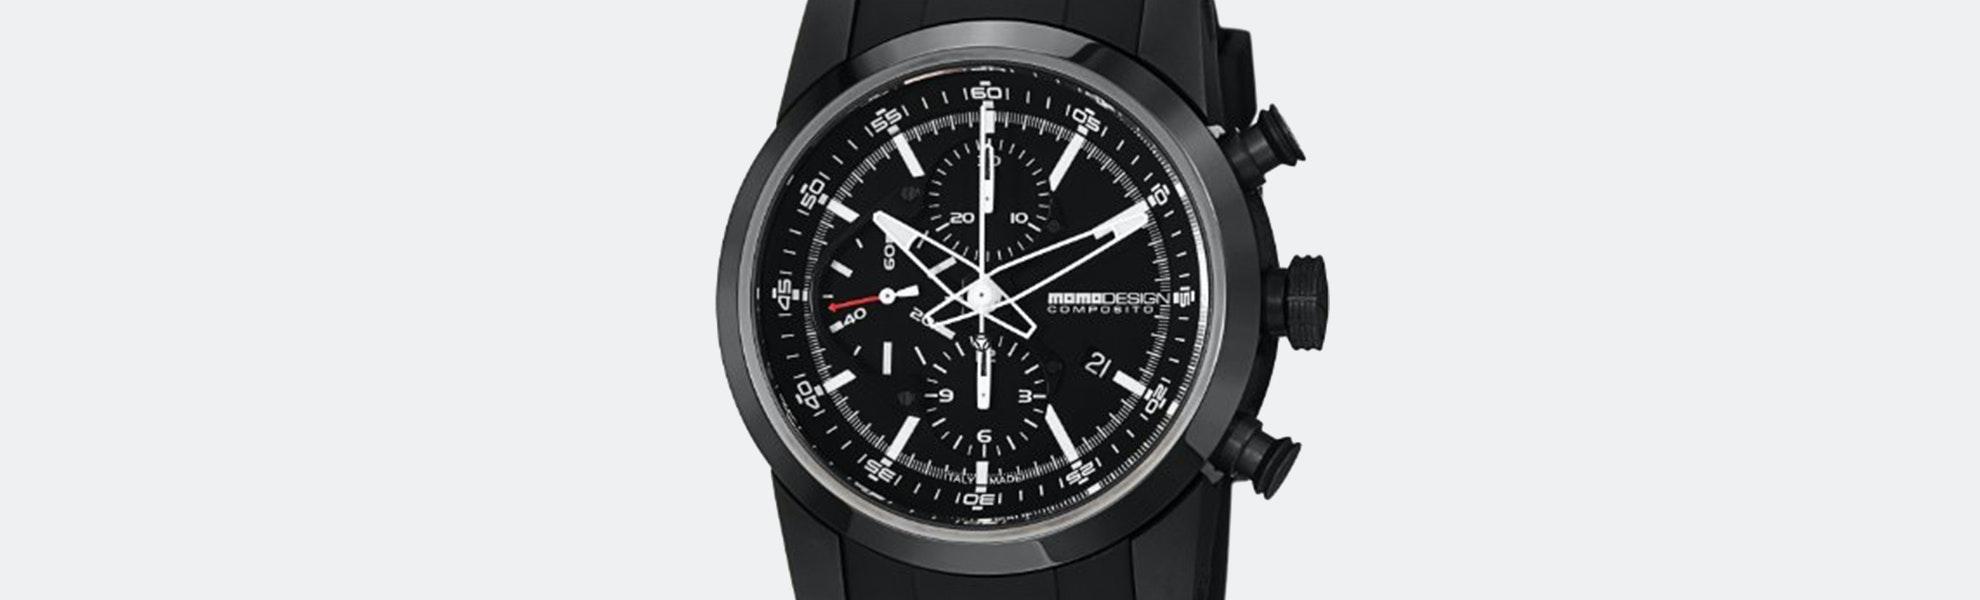 Momo Design Composito Automatic Watch